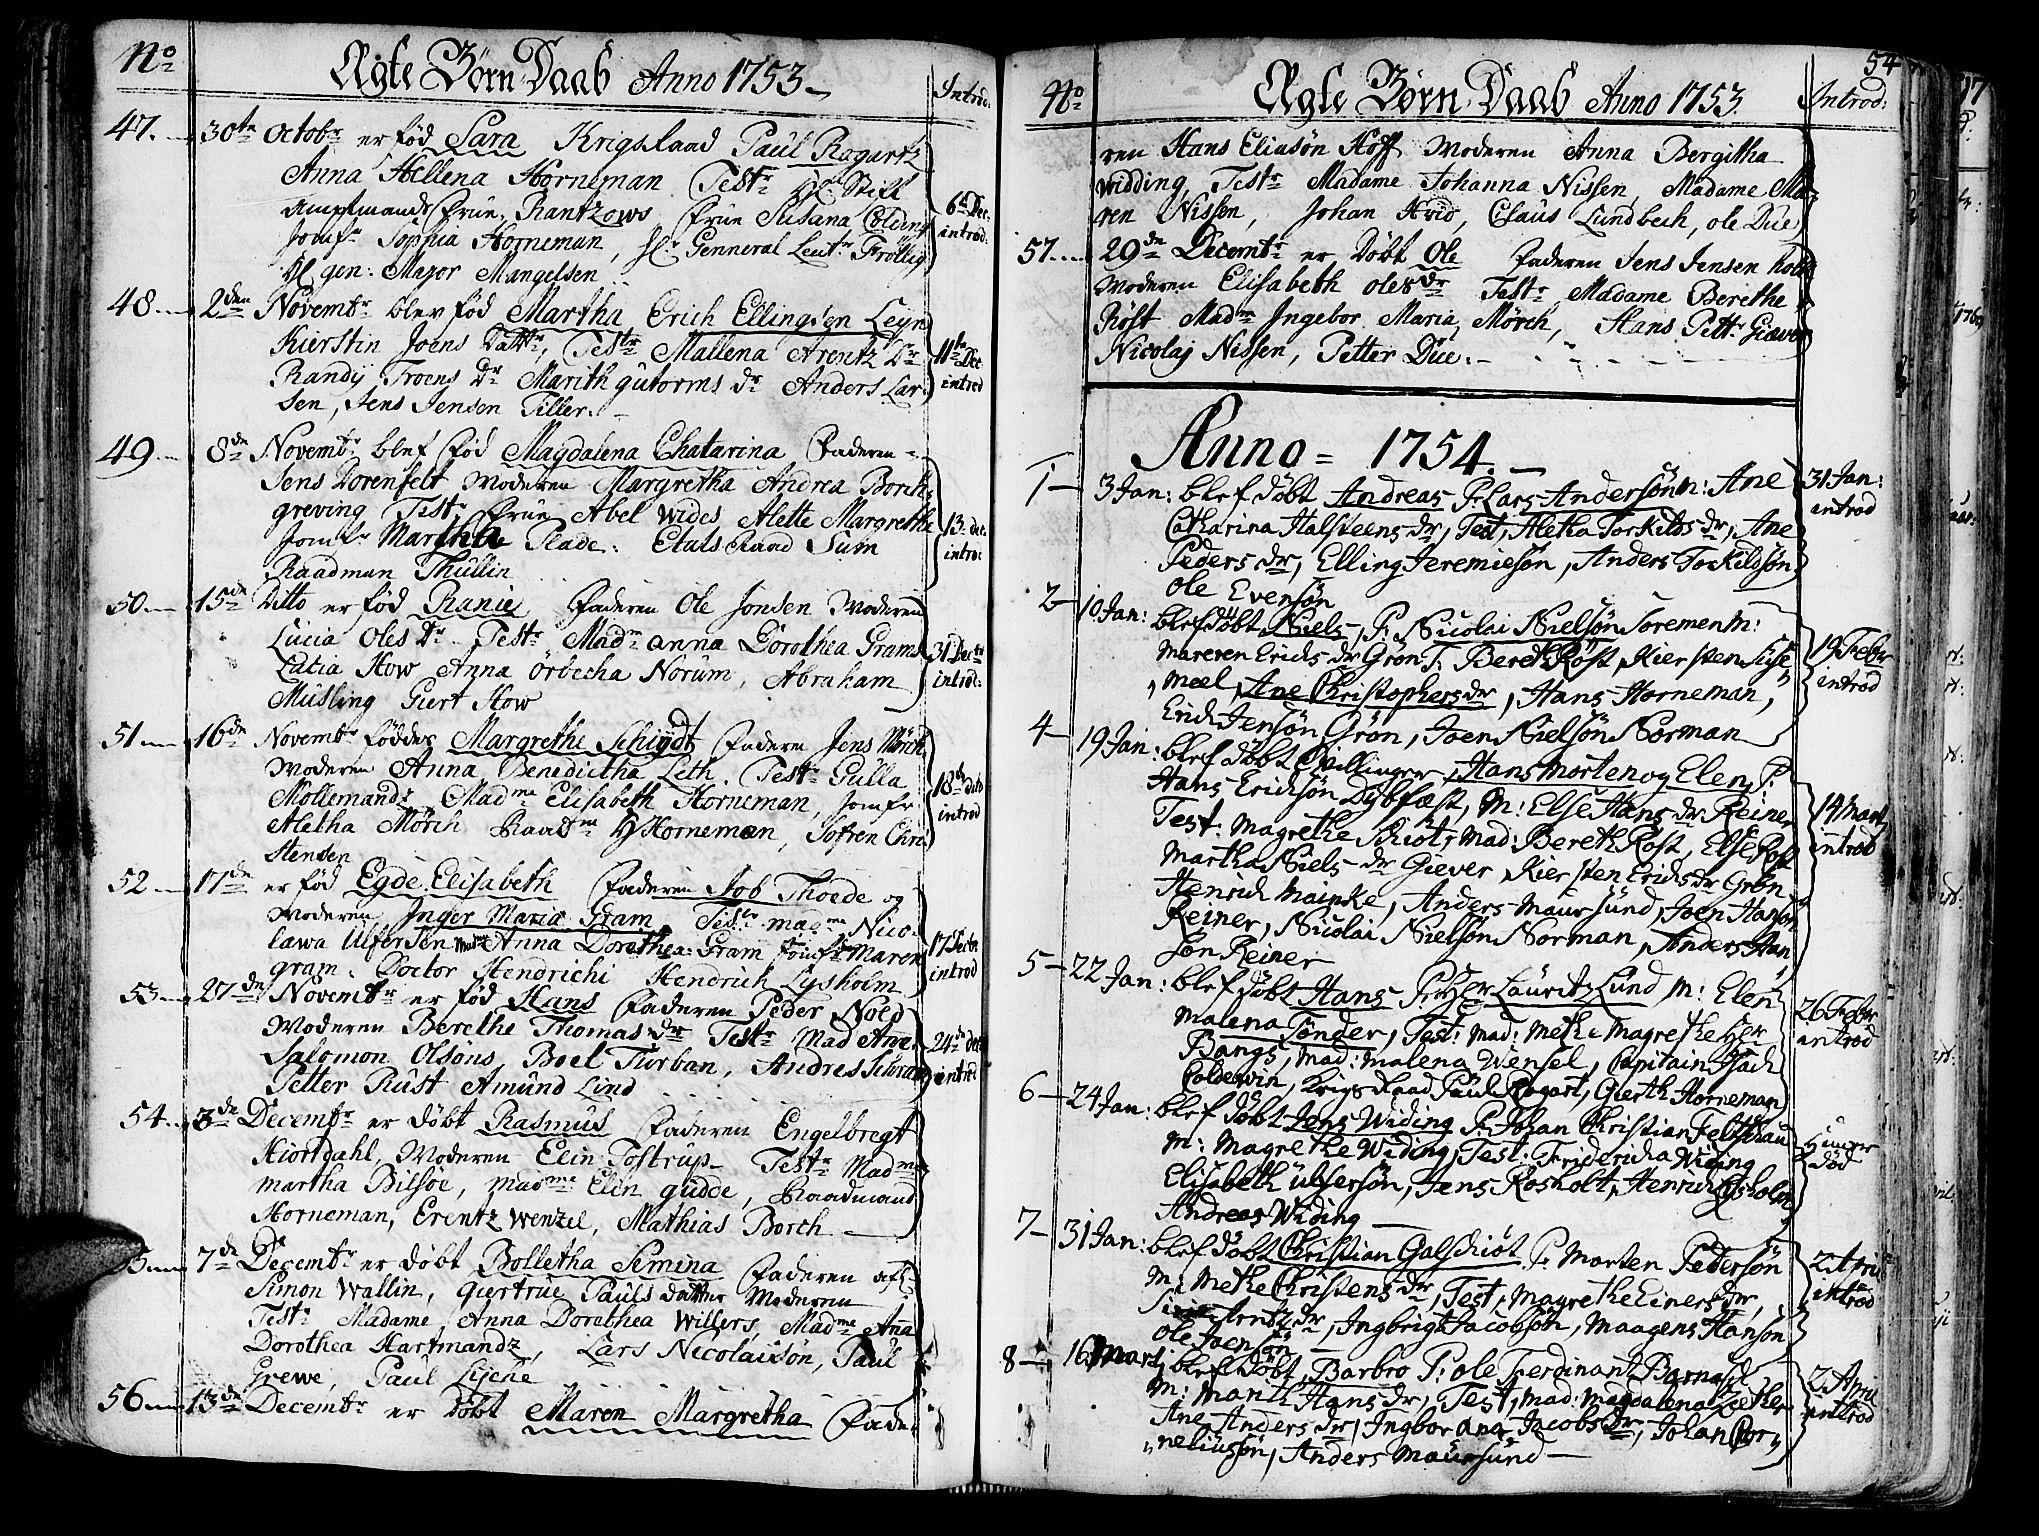 SAT, Ministerialprotokoller, klokkerbøker og fødselsregistre - Sør-Trøndelag, 602/L0103: Ministerialbok nr. 602A01, 1732-1774, s. 54